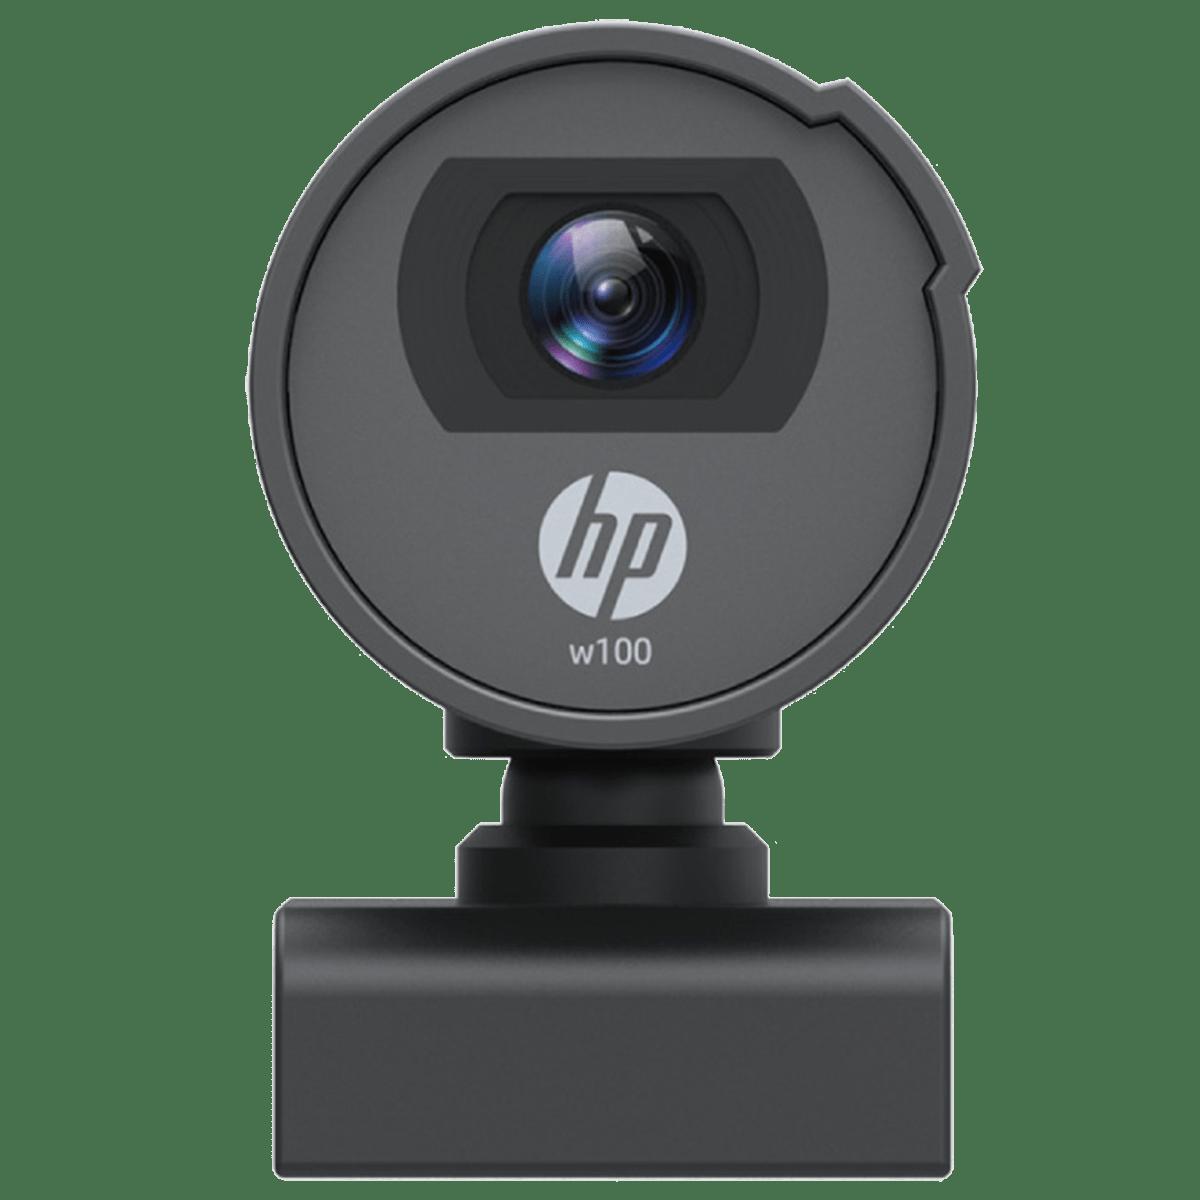 HP w100 Webcam For Desktop (480p Resolution, 1W4W4AA, Black)_1